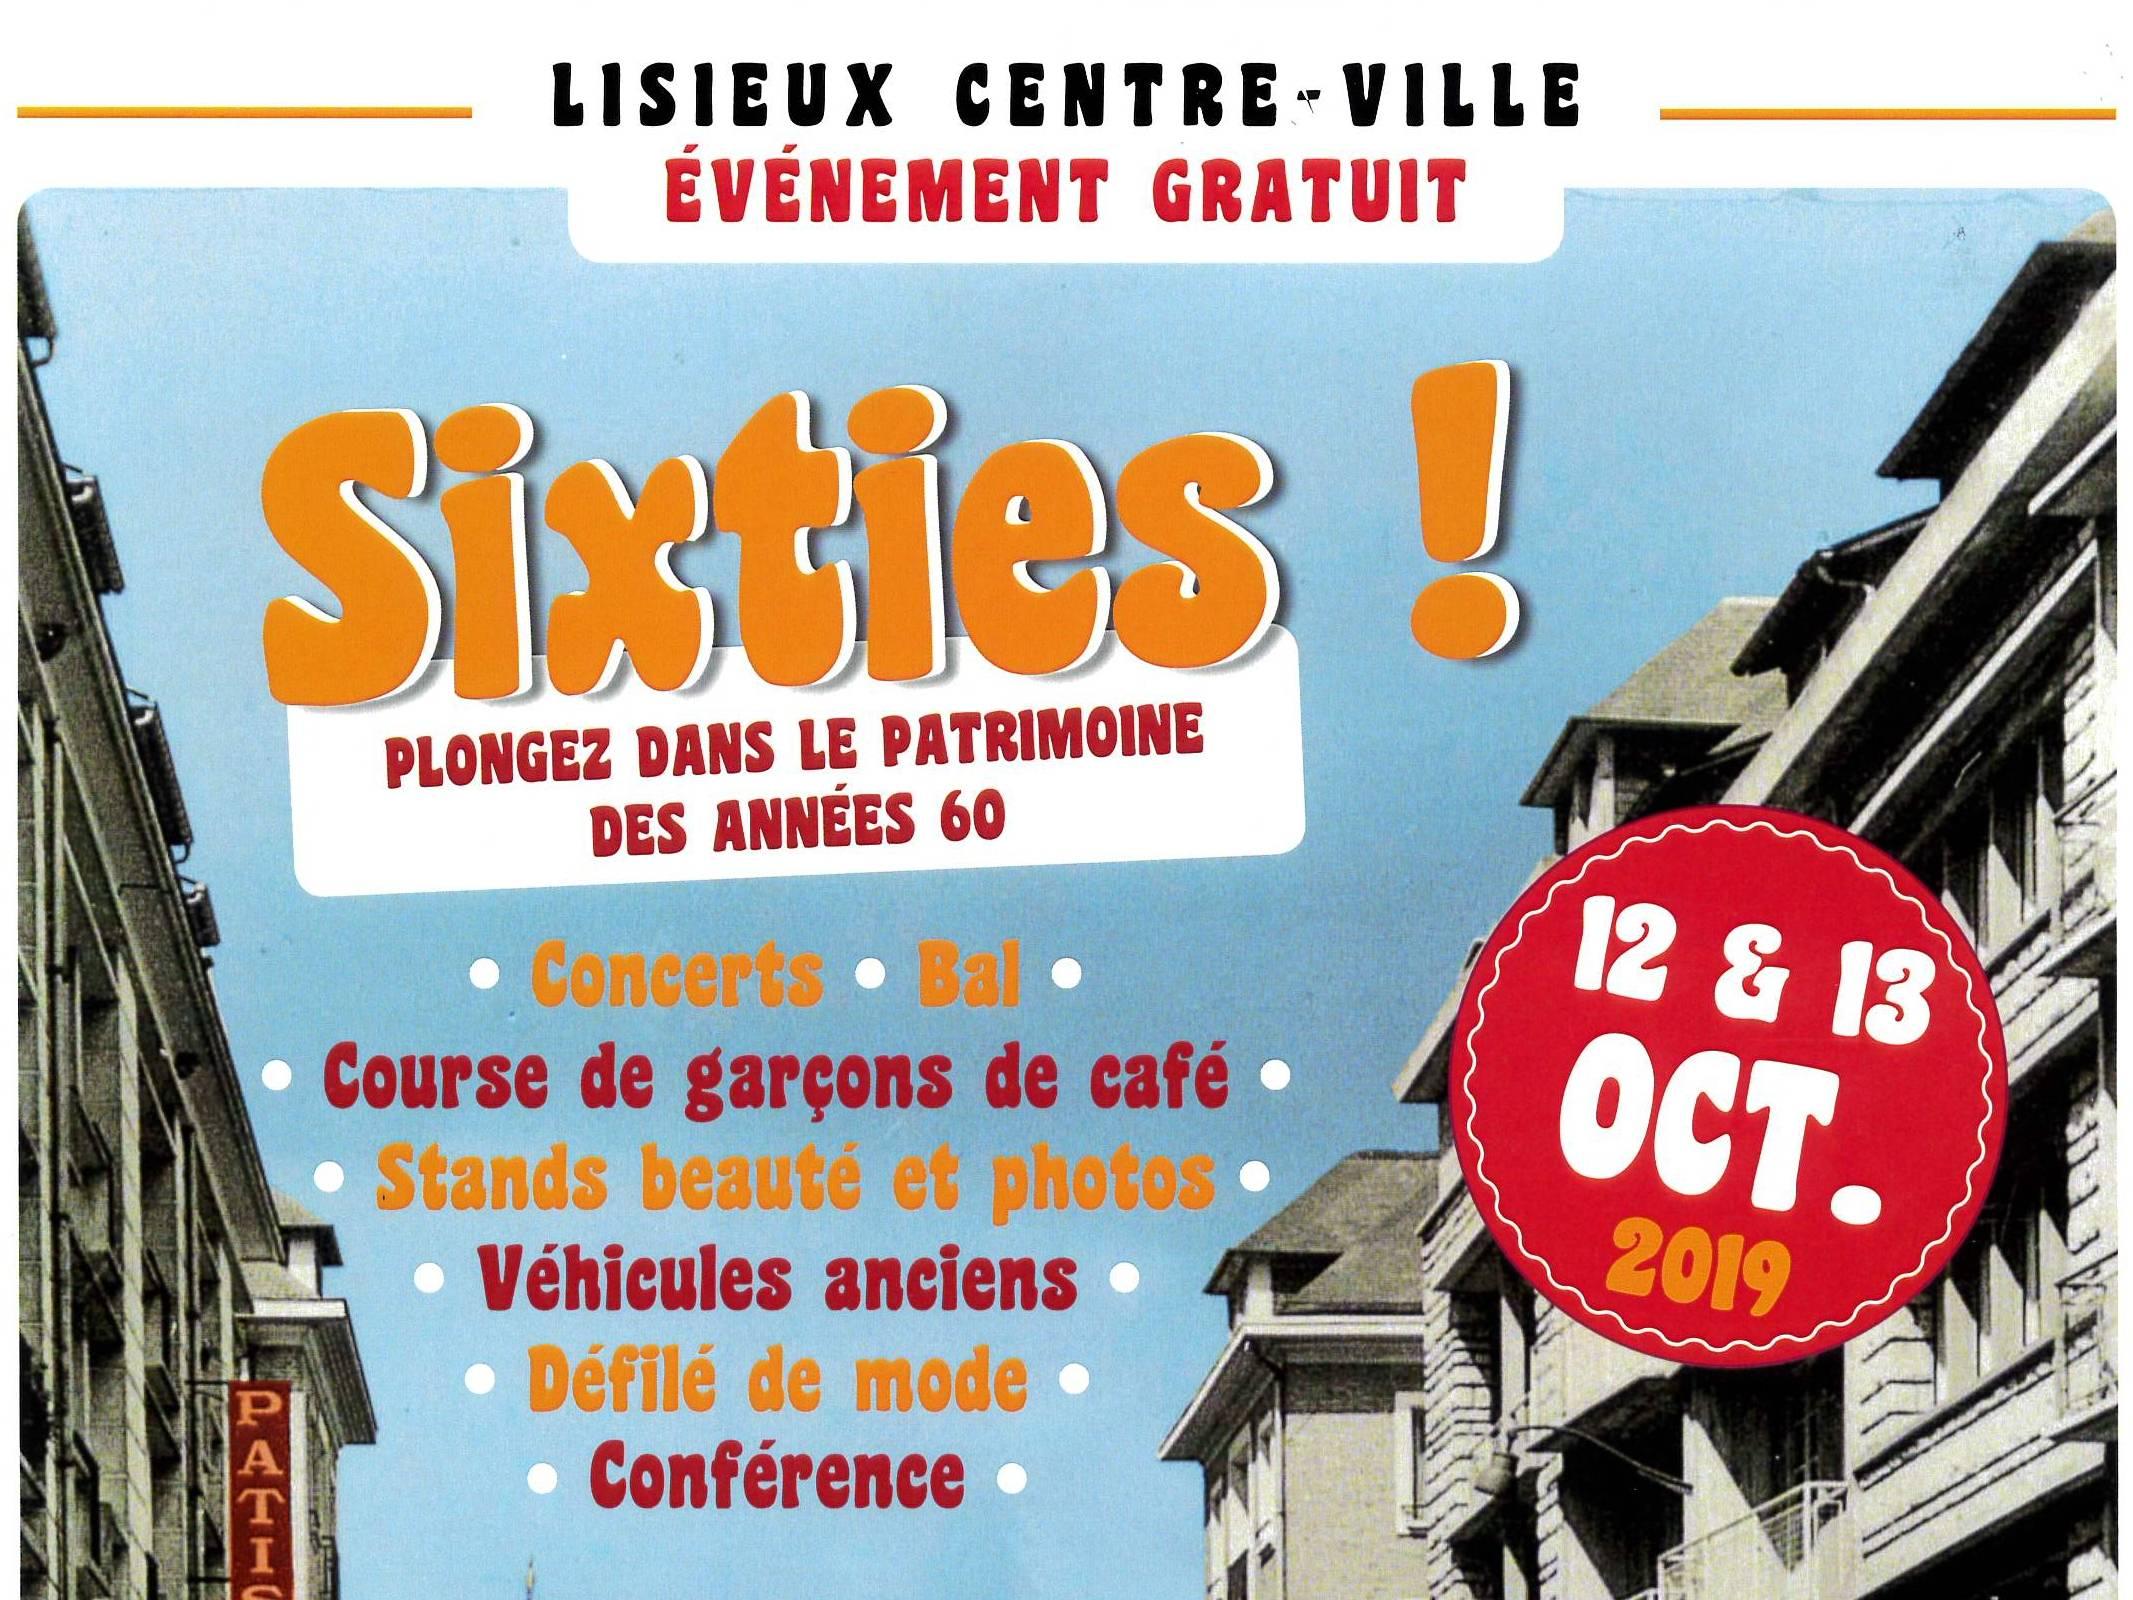 Sixties ! Plongez dans le patrimoine des années 60 à Lisieux